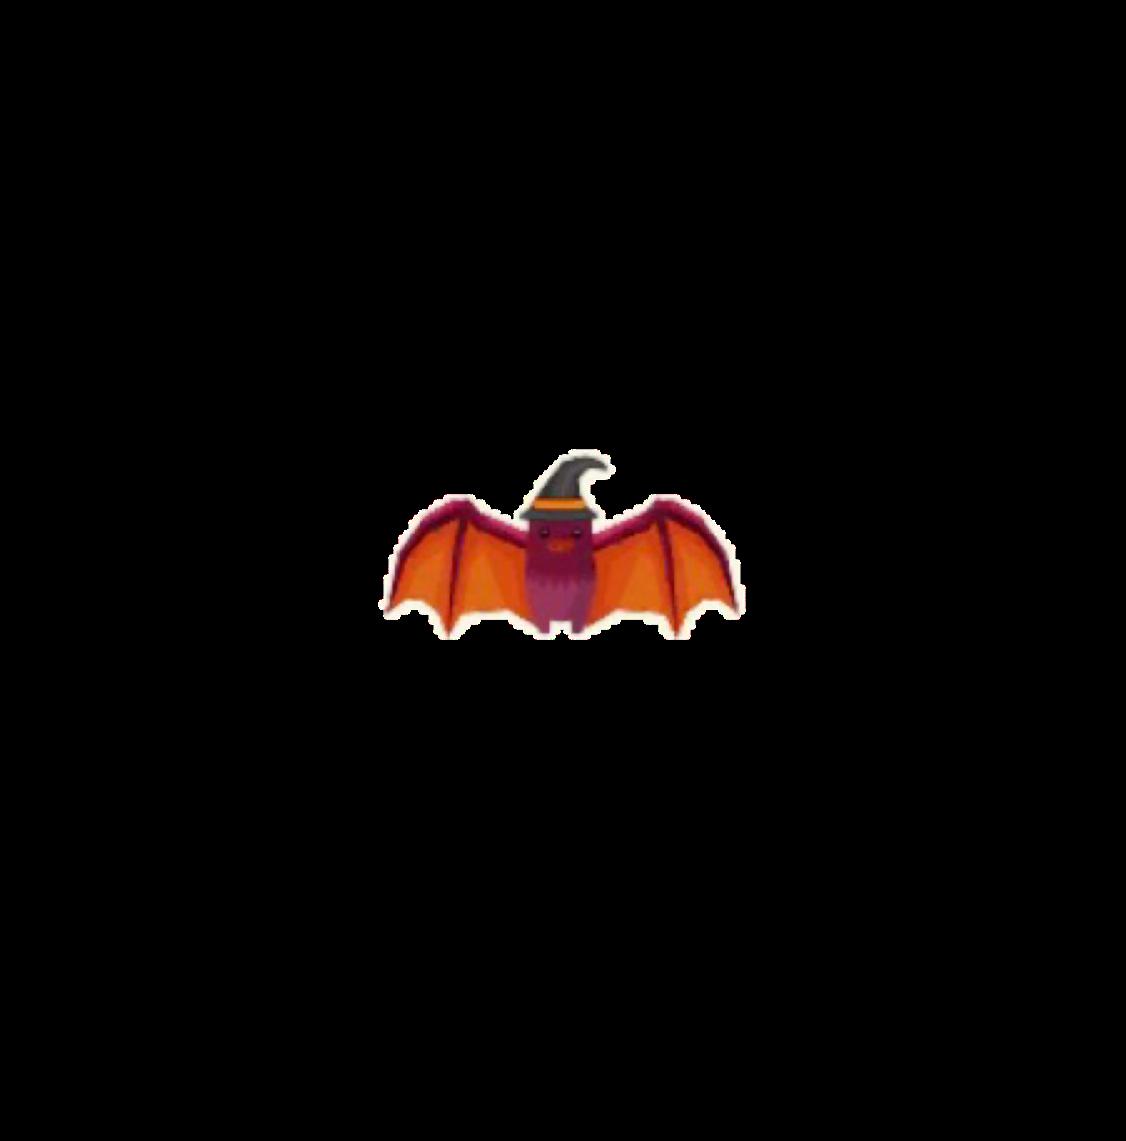 ポケ森 オレンジハットのマジカルコウモリ